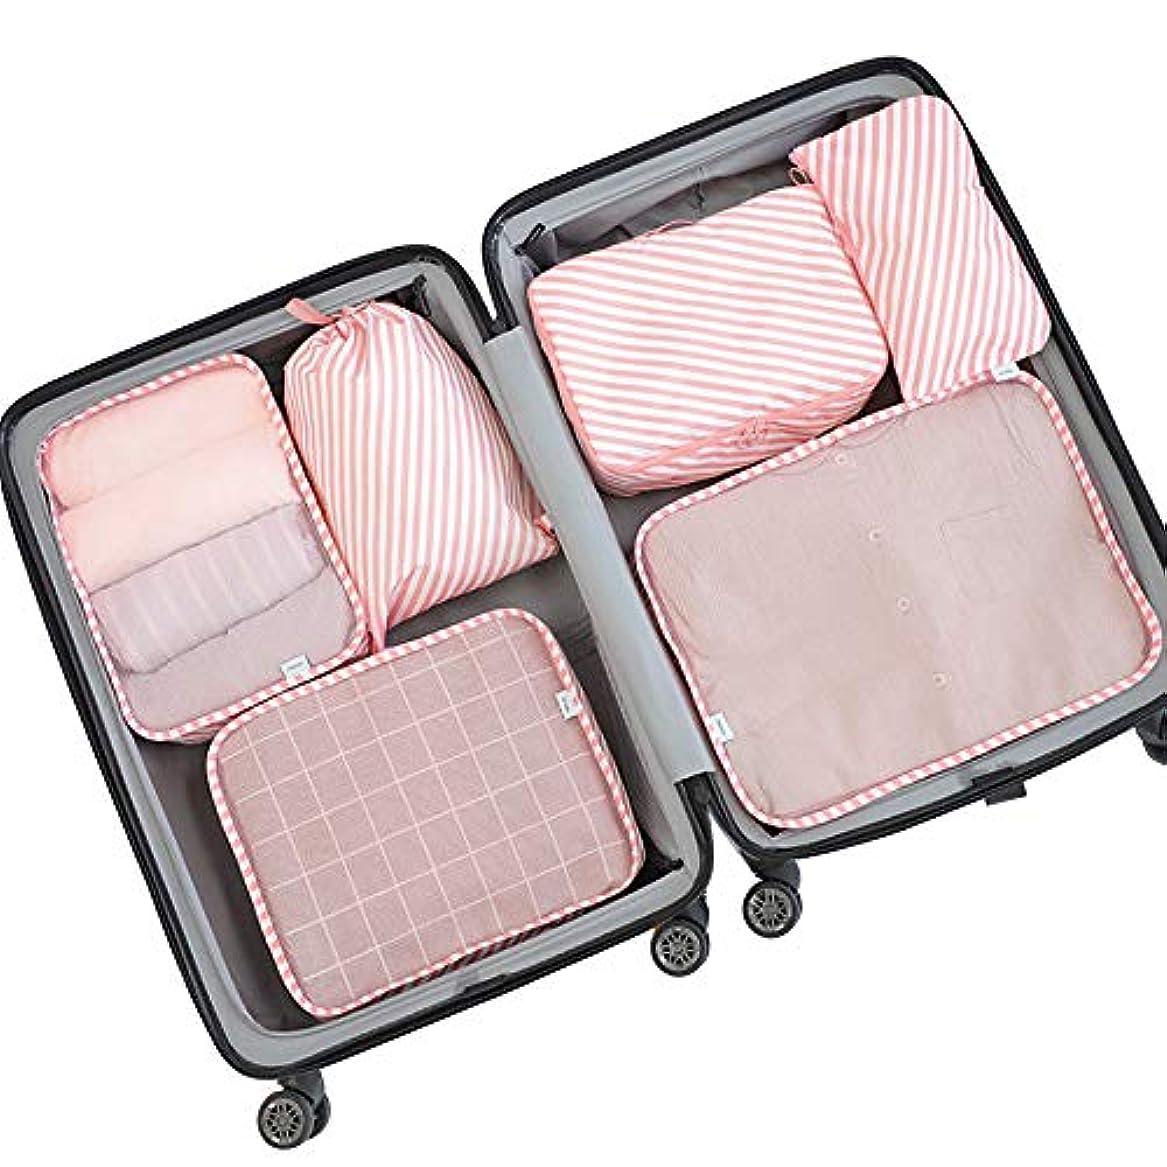 ブリード保証政治的トラベルポーチ 6点セット 収納ポーチ 旅行用 衣類 バッグ ケース 化粧ポーチ メンズ 大容量 防水